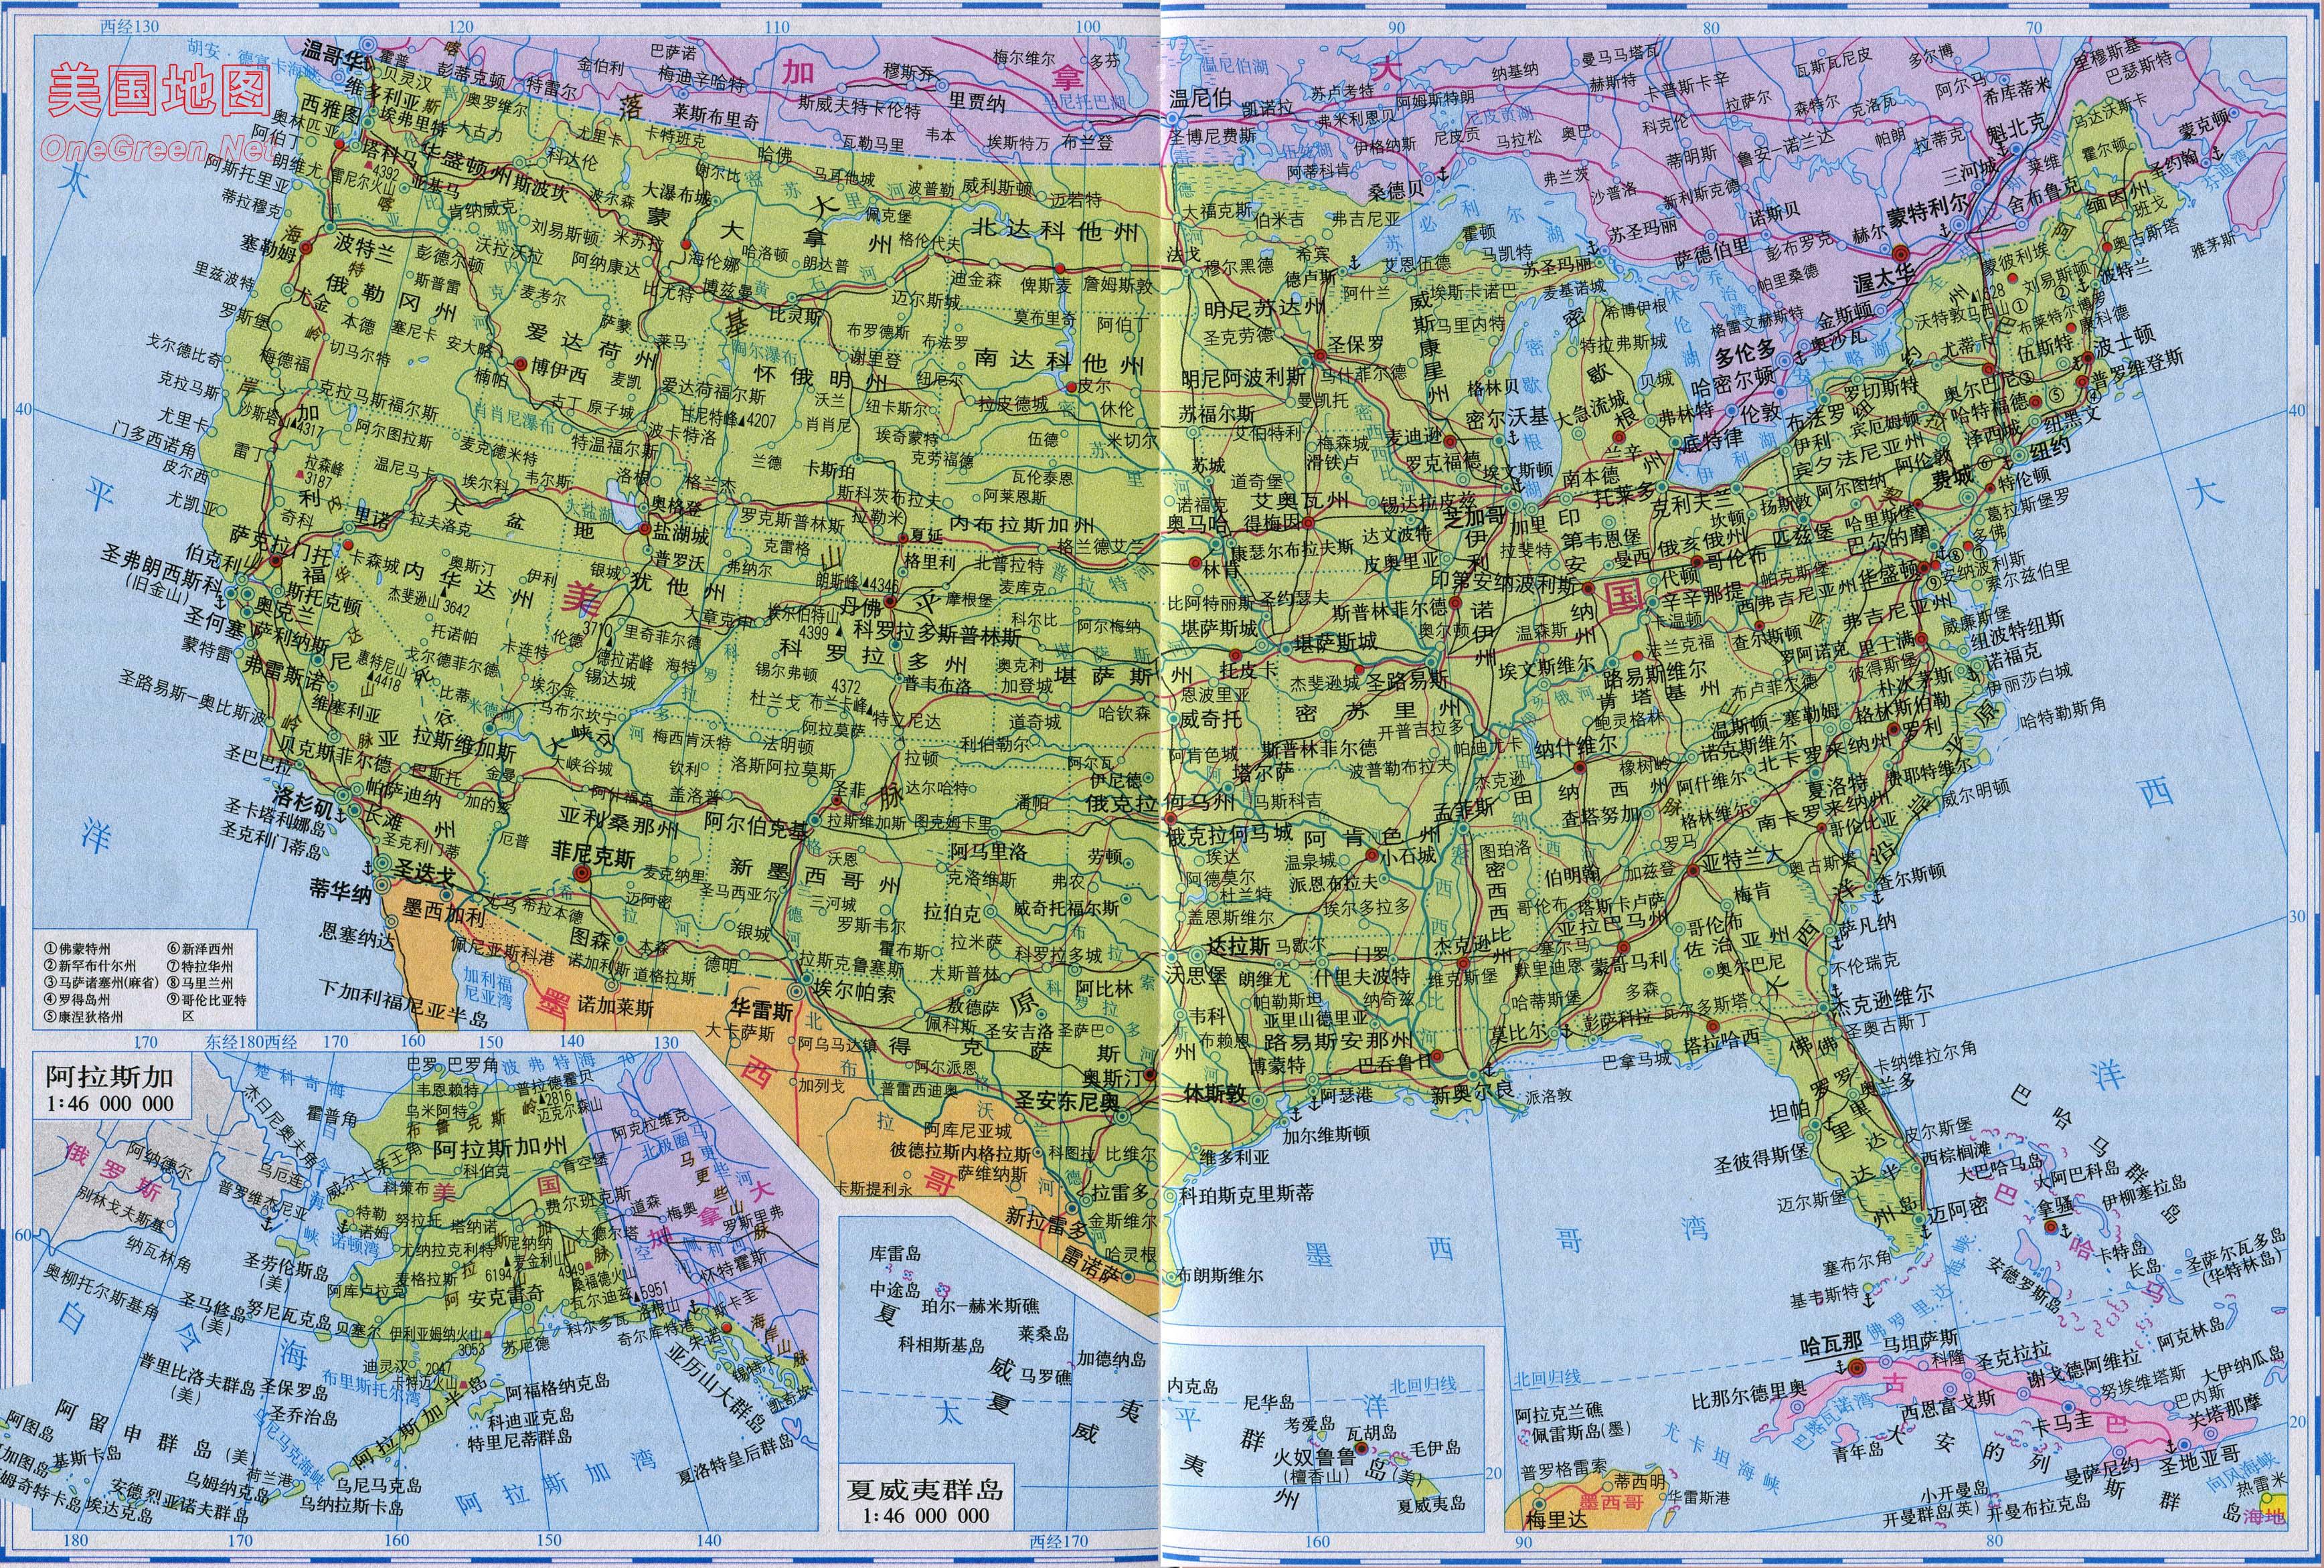 美国地图高清中文版(地形图)-美国地图高清中文版